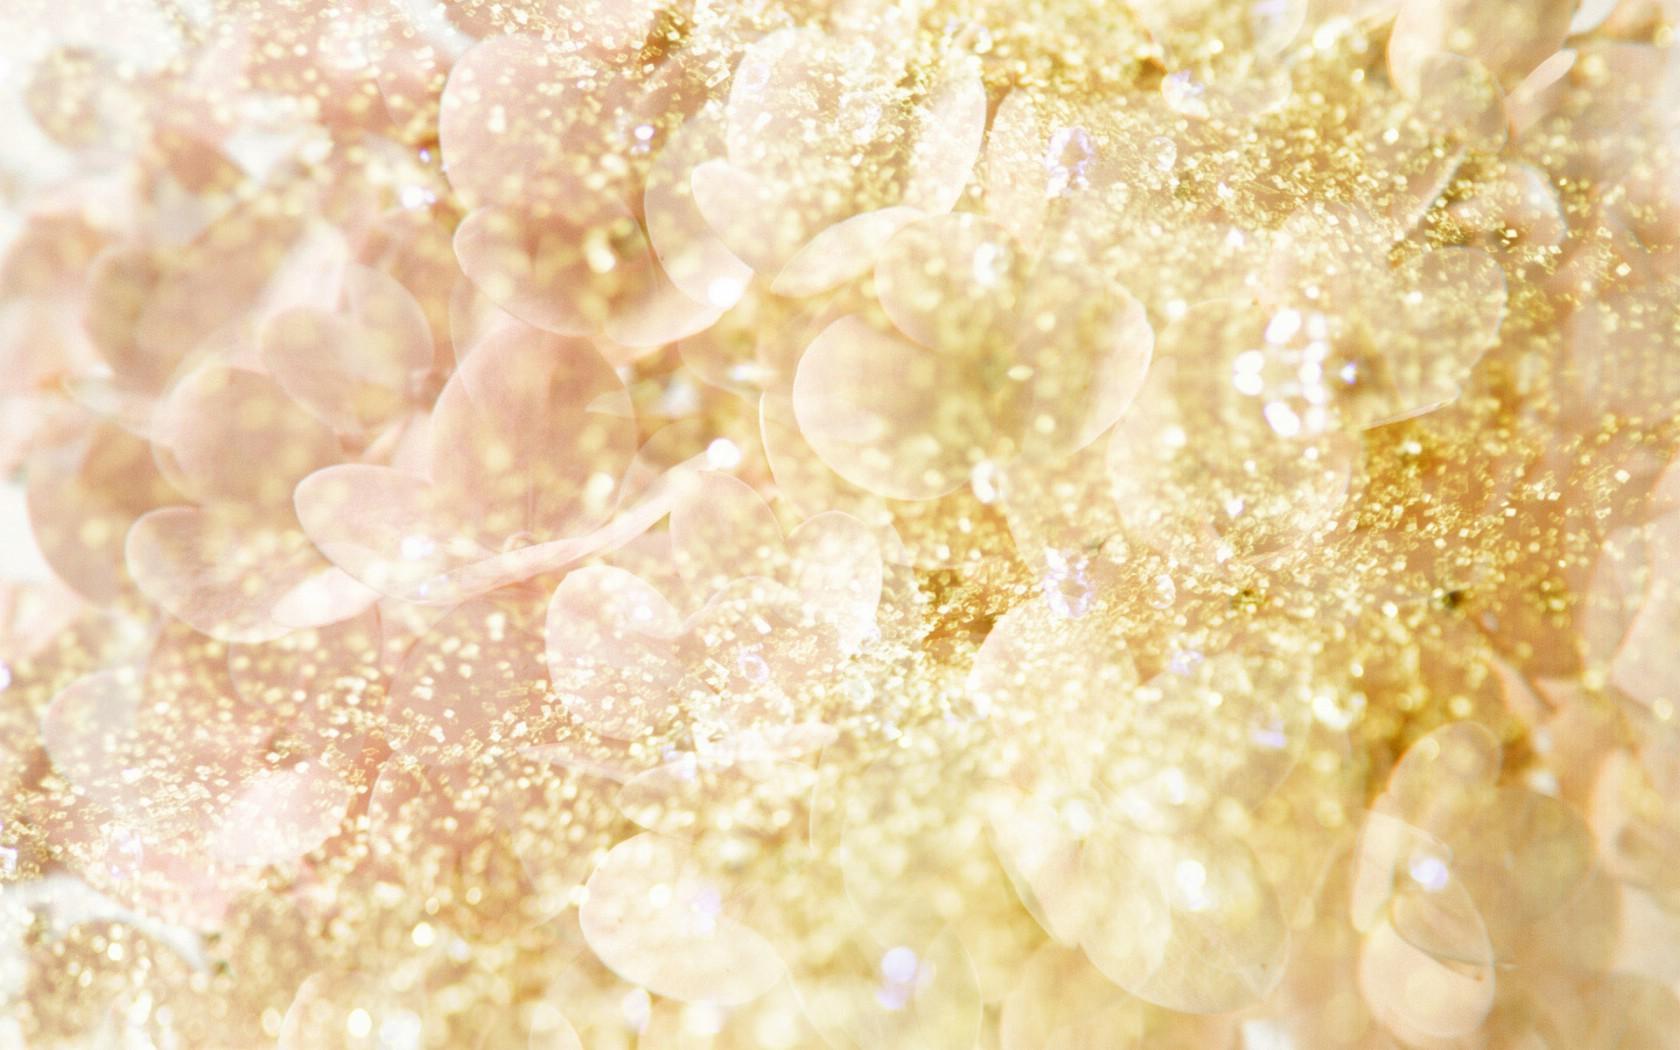 壁纸1680×1050朦胧花朵柔美 宽屏壁纸 壁纸13壁纸 朦胧花朵柔美 宽屏壁壁纸图片系统壁纸系统图片素材桌面壁纸